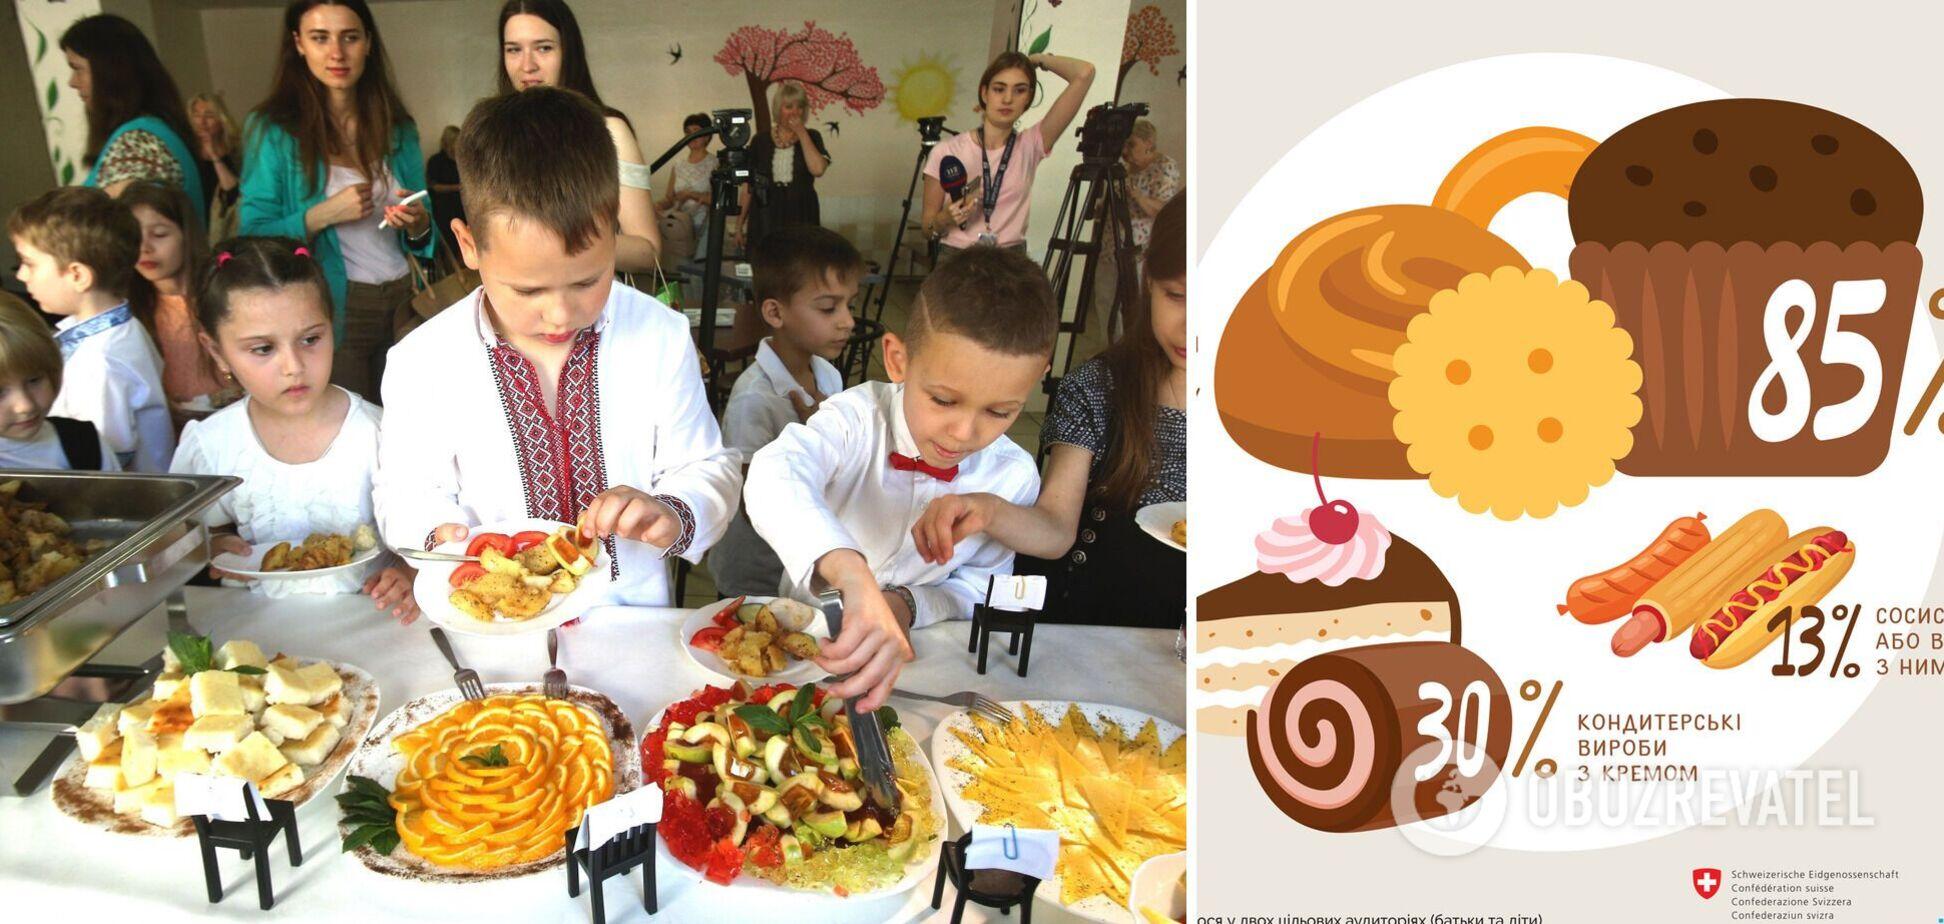 Школярі розповілі, як харчуються зараз и что могло бі Изменить їхні харчові звички